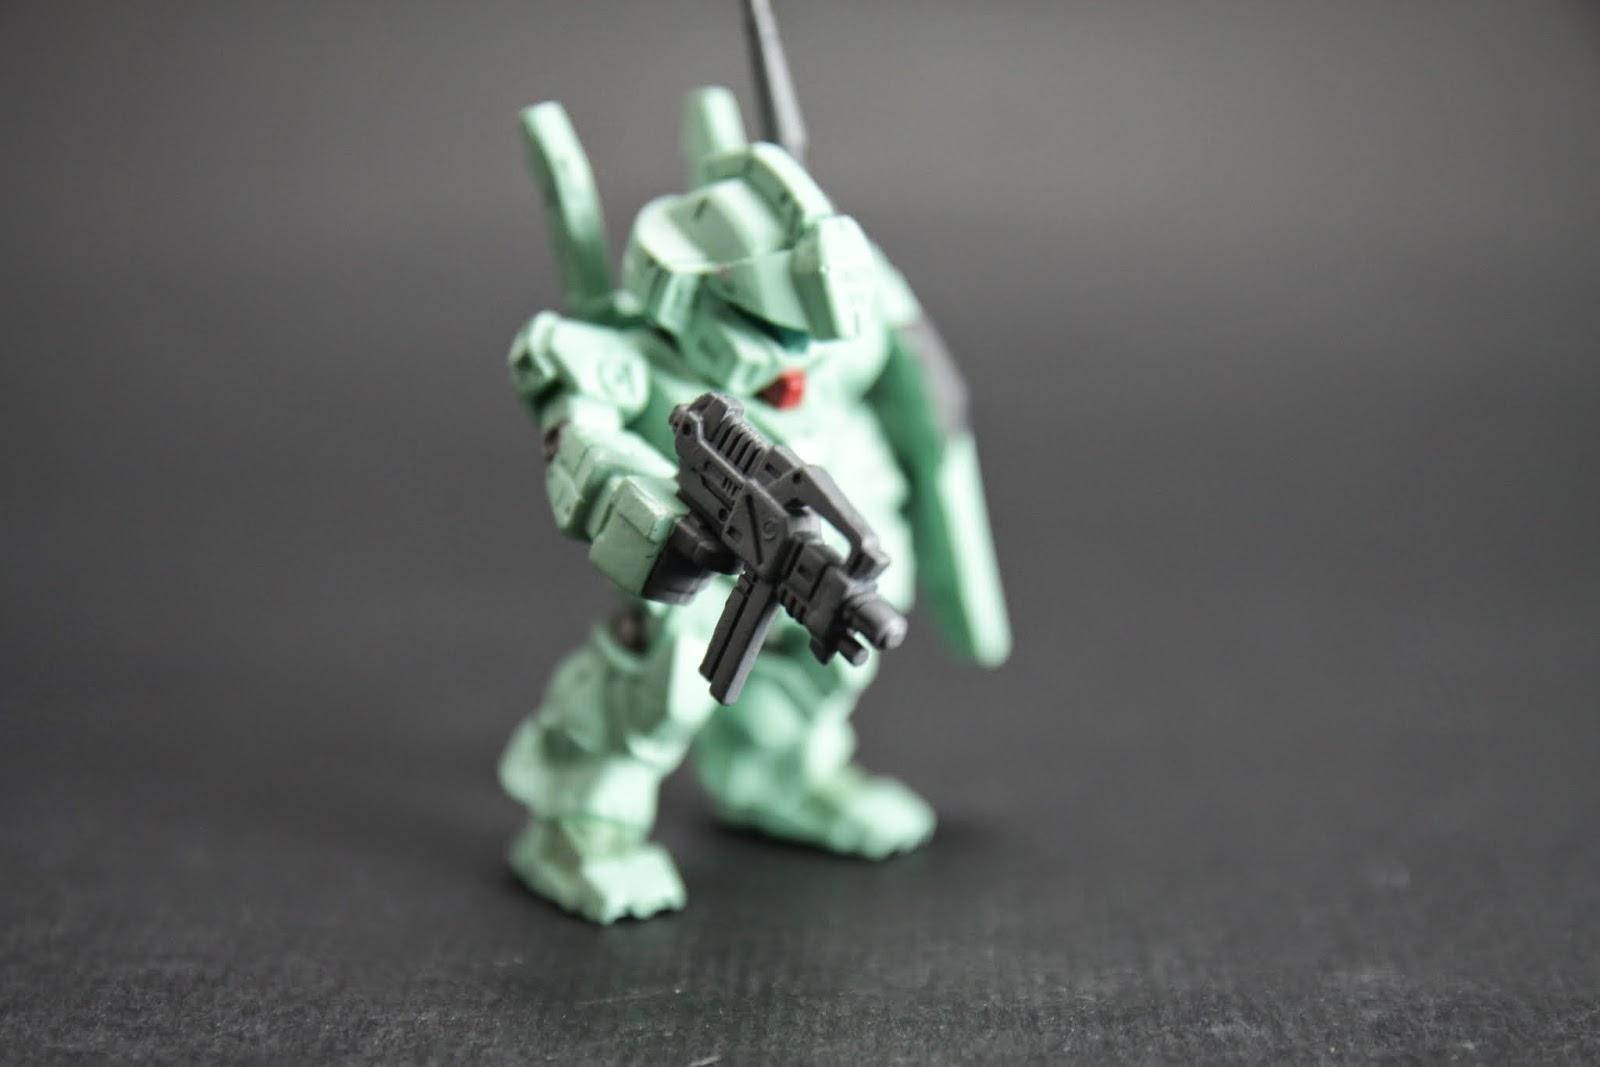 原版附的是專用光束槍 小小把雖然比不上鋼彈的大出力但也很不錯用